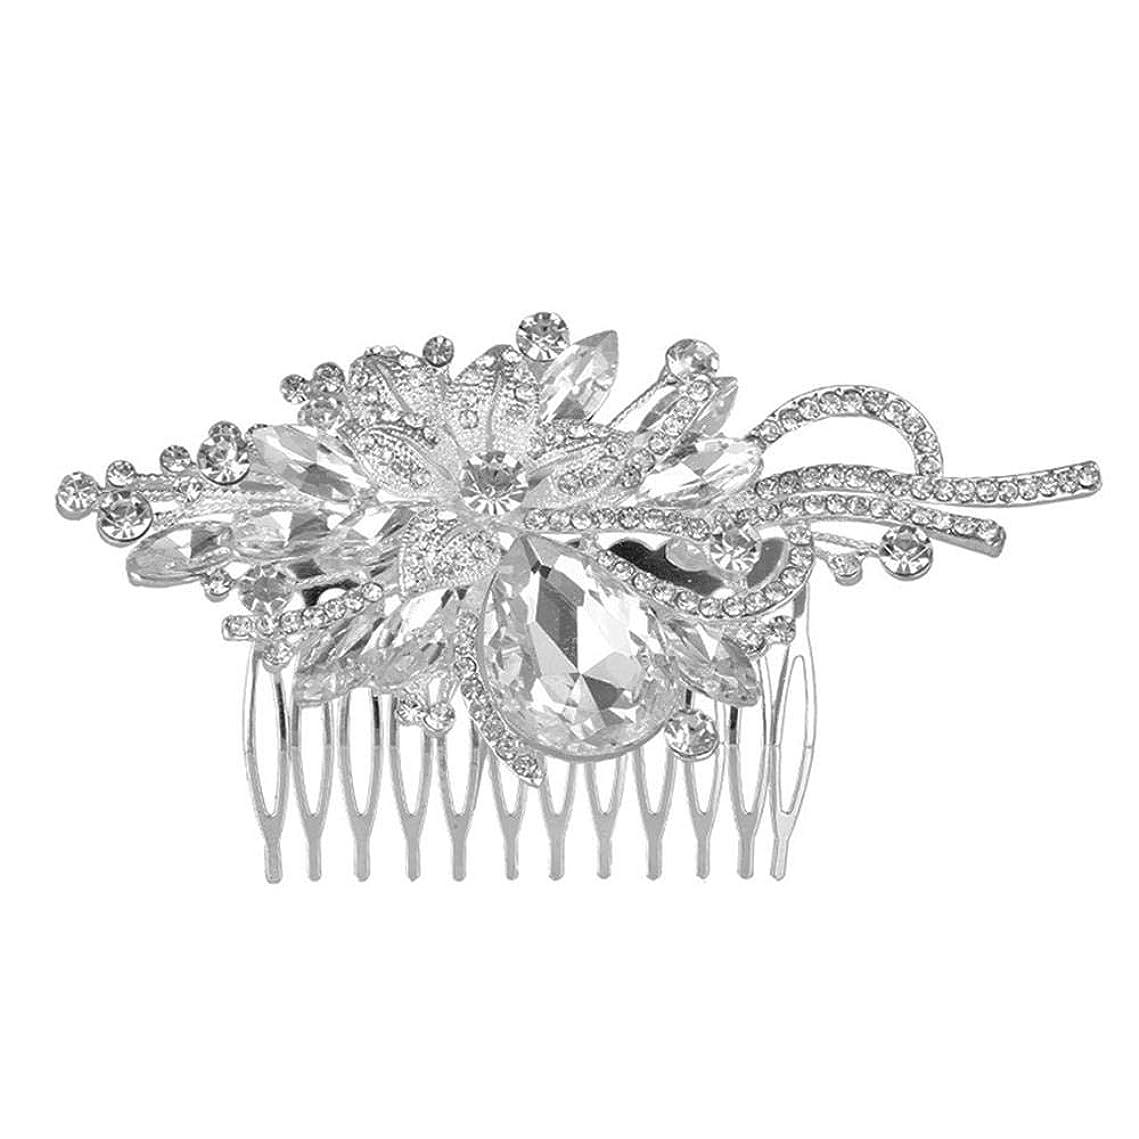 レビュアー不安定な真剣に髪の櫛挿入櫛花嫁の髪櫛クラウン髪の櫛結婚式のアクセサリー葉の髪の櫛ラインストーンの髪の櫛ブライダルヘッドドレス